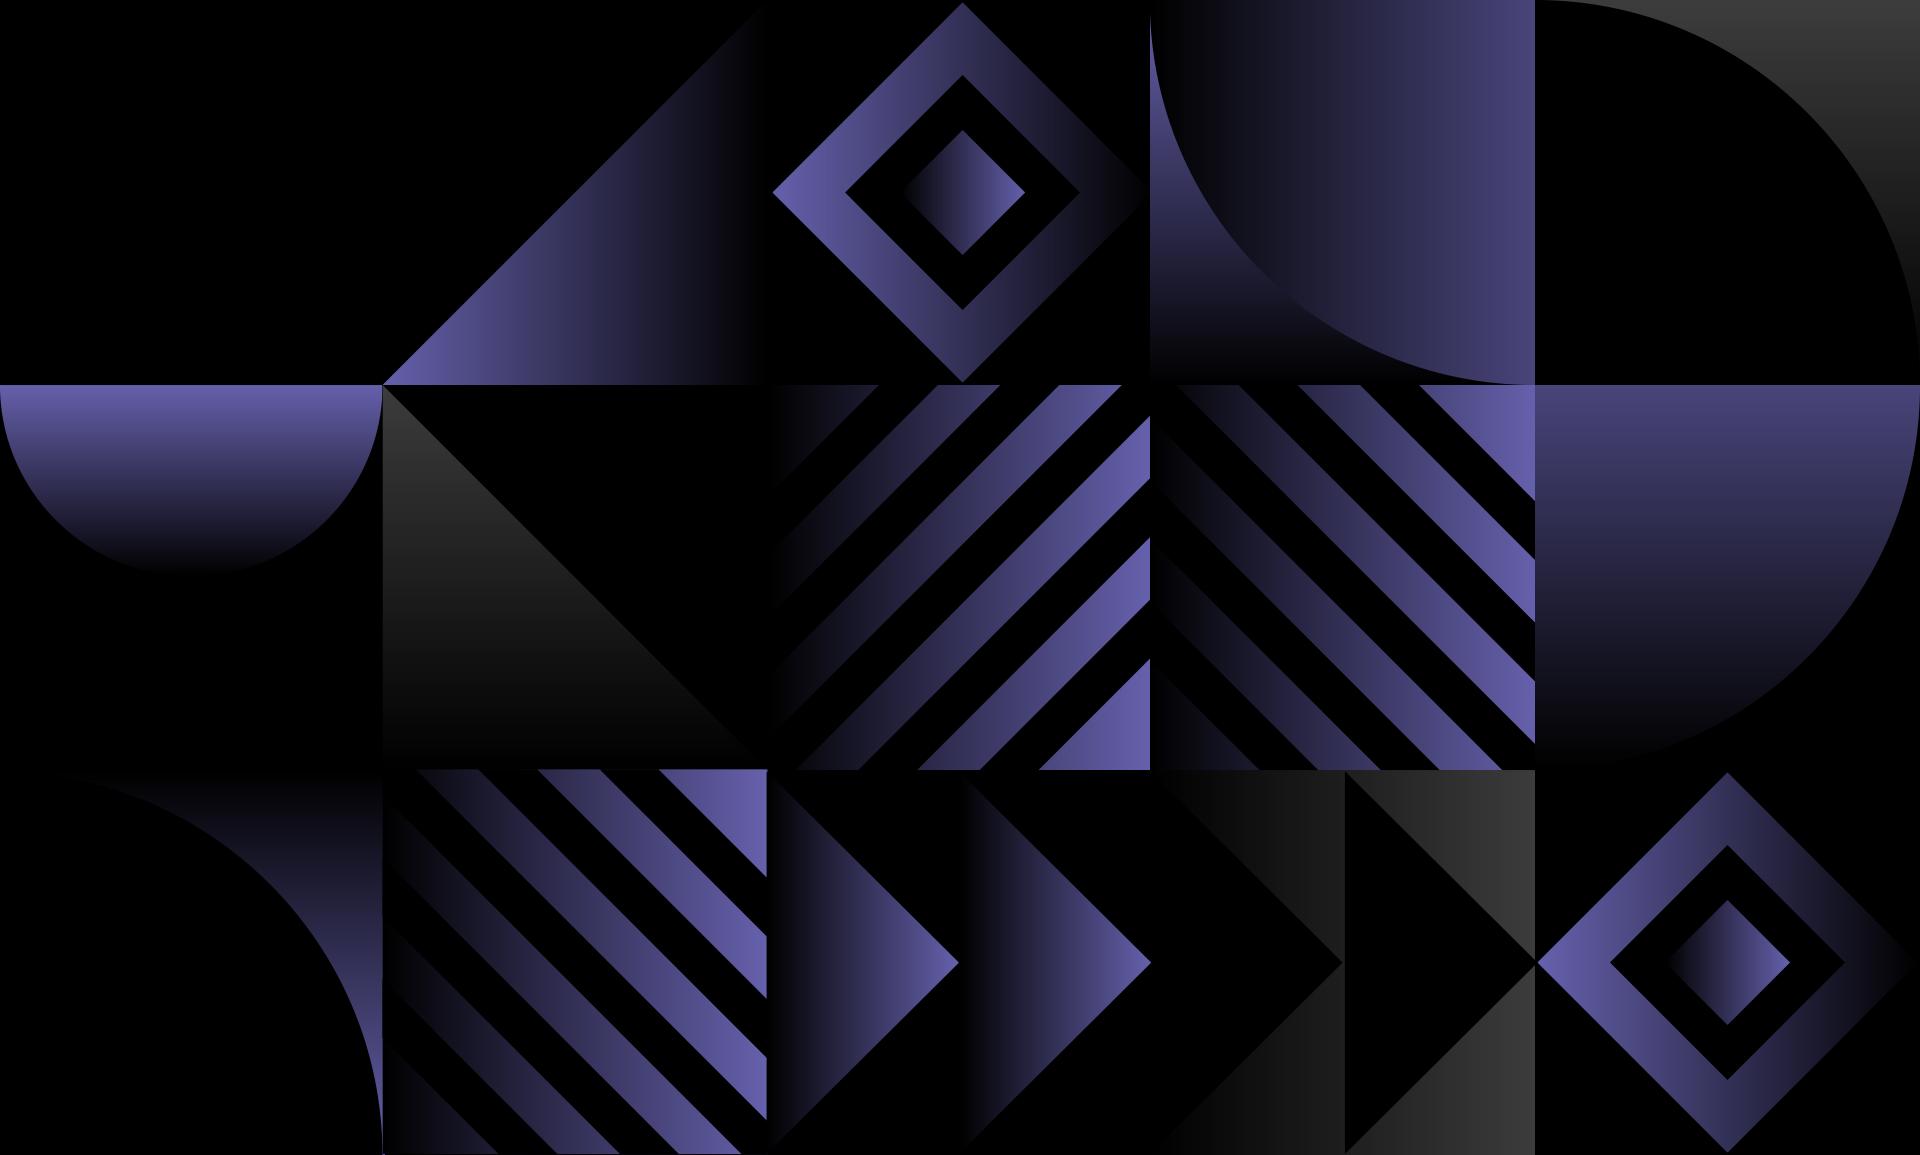 mc_des_pattern